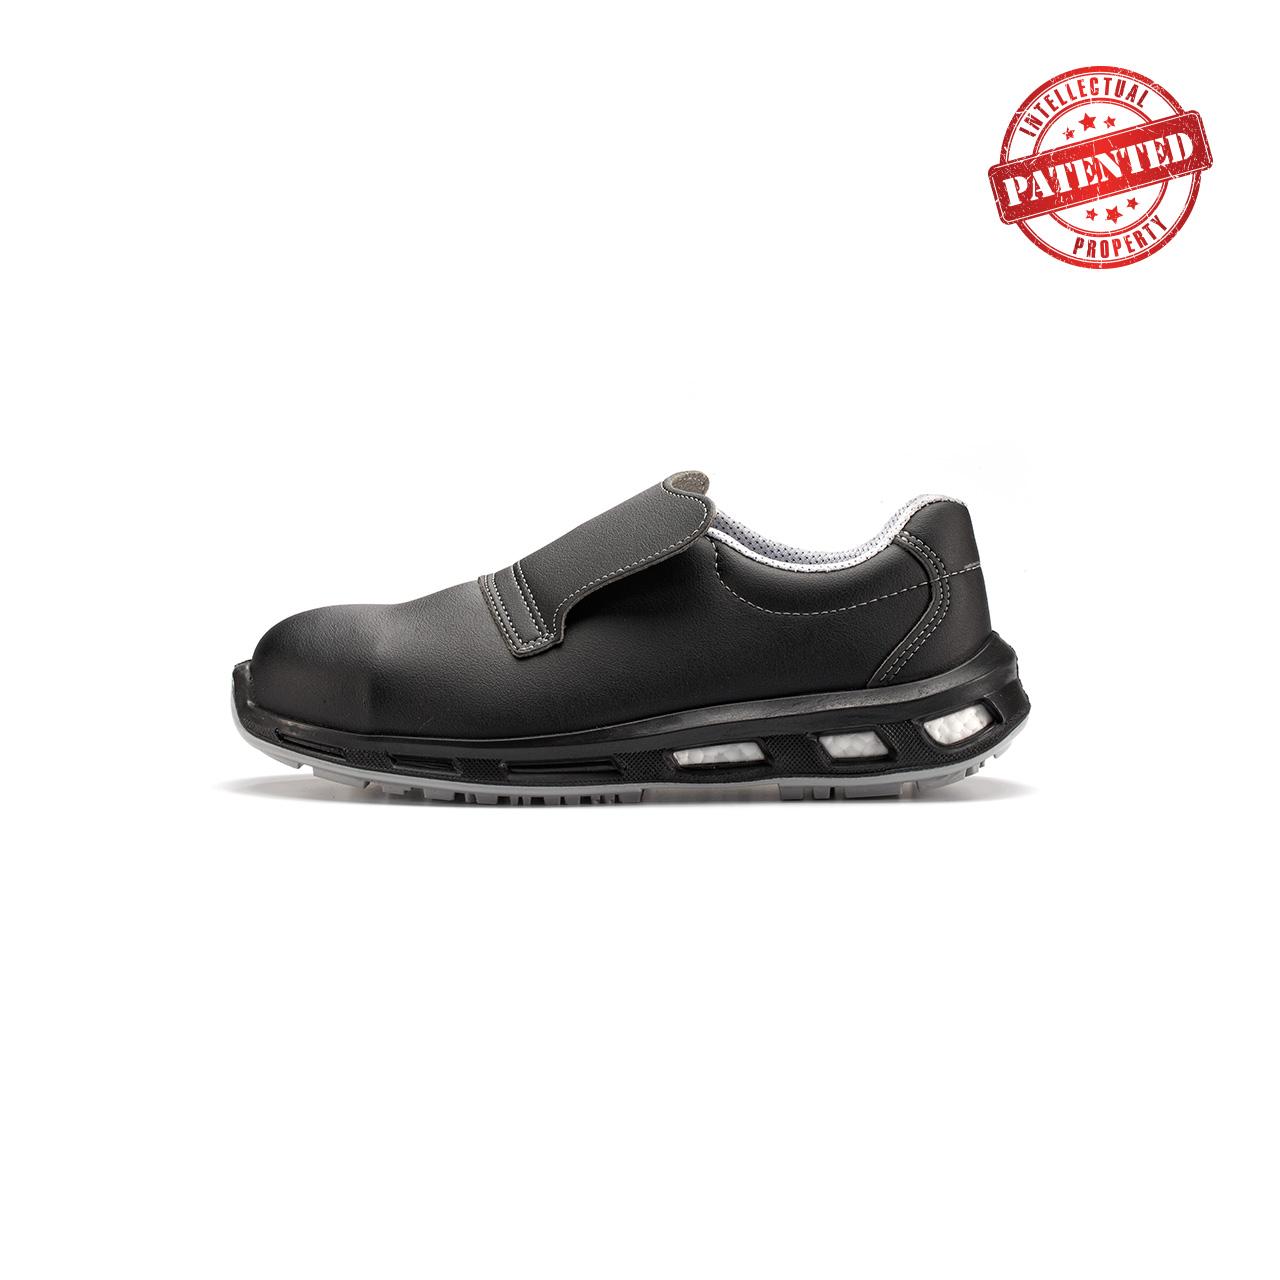 calzatura da lavoro upower modello noir linea redlion vista lato sinistra